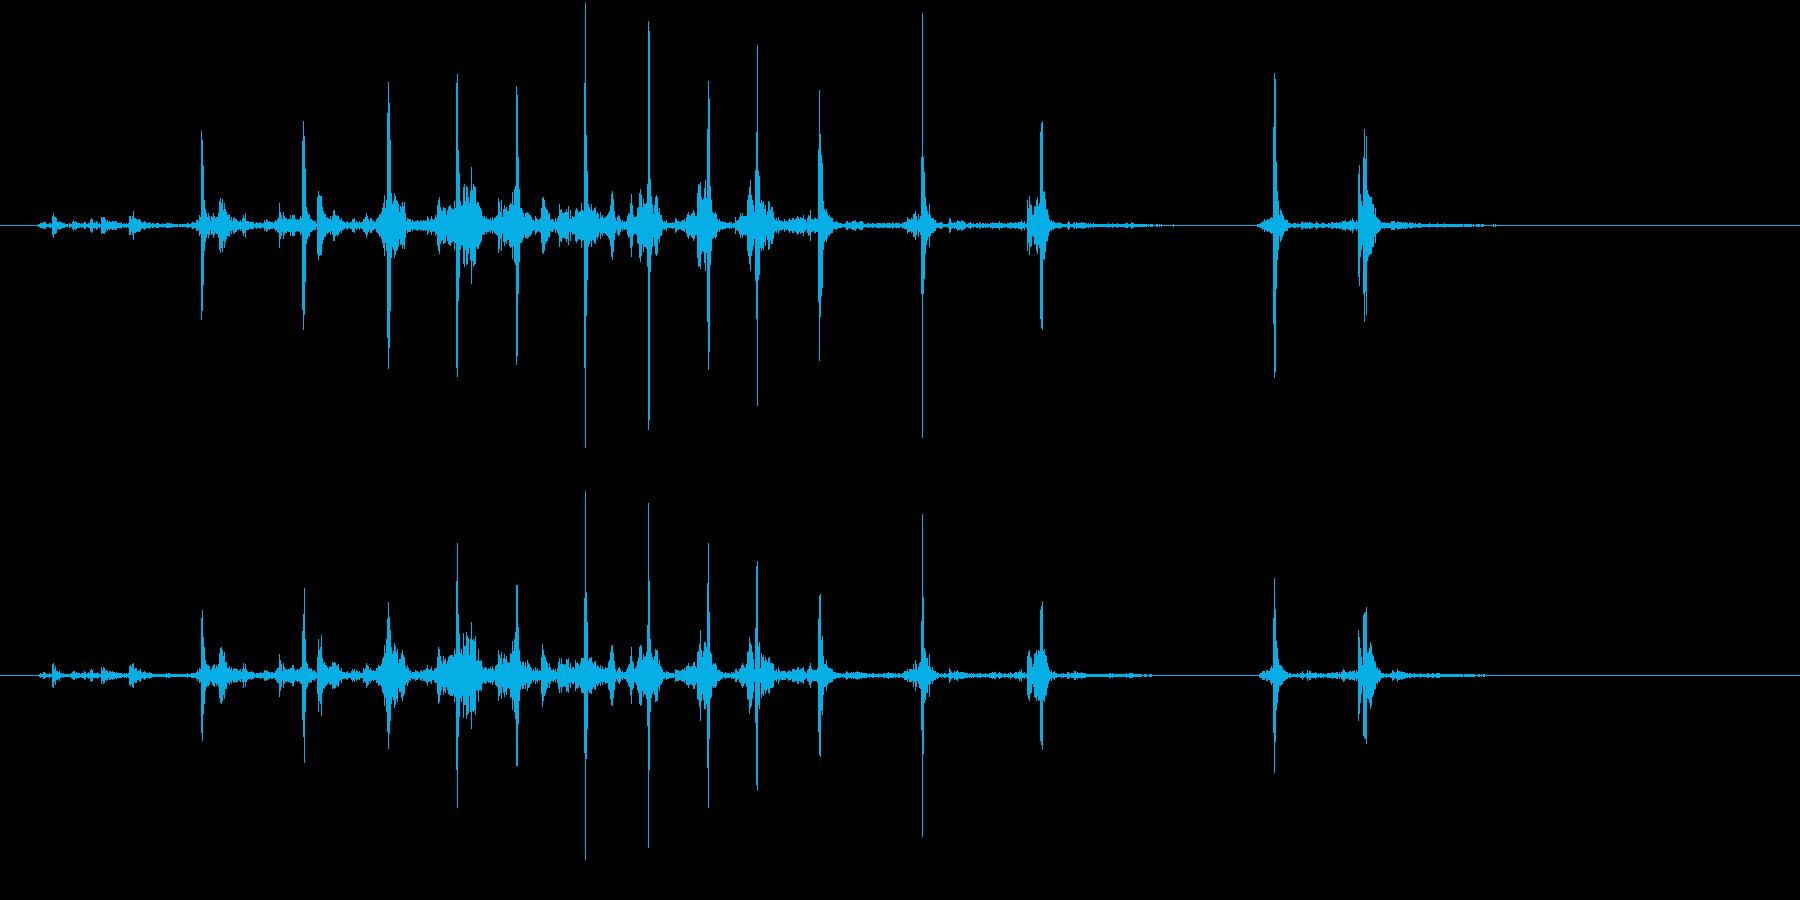 【生録音】カッターナイフの音 17の再生済みの波形